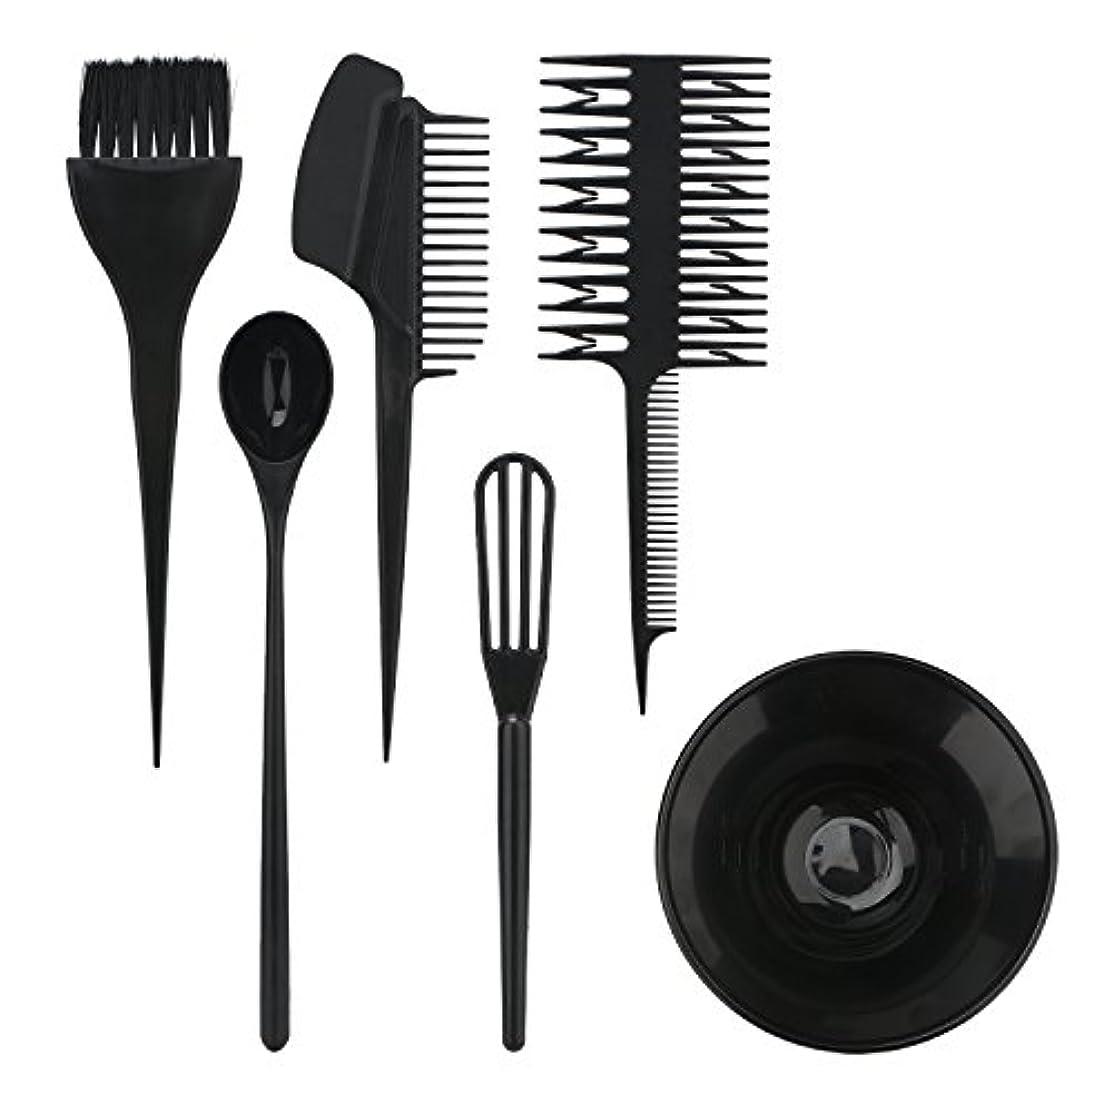 限界二十役立つSegbeauty ヘアカラー用のセット ブラシとボウルの組み合わせ 6pcs DIY髪染め用 サロン 美髪師用 ヘアカラーの用具